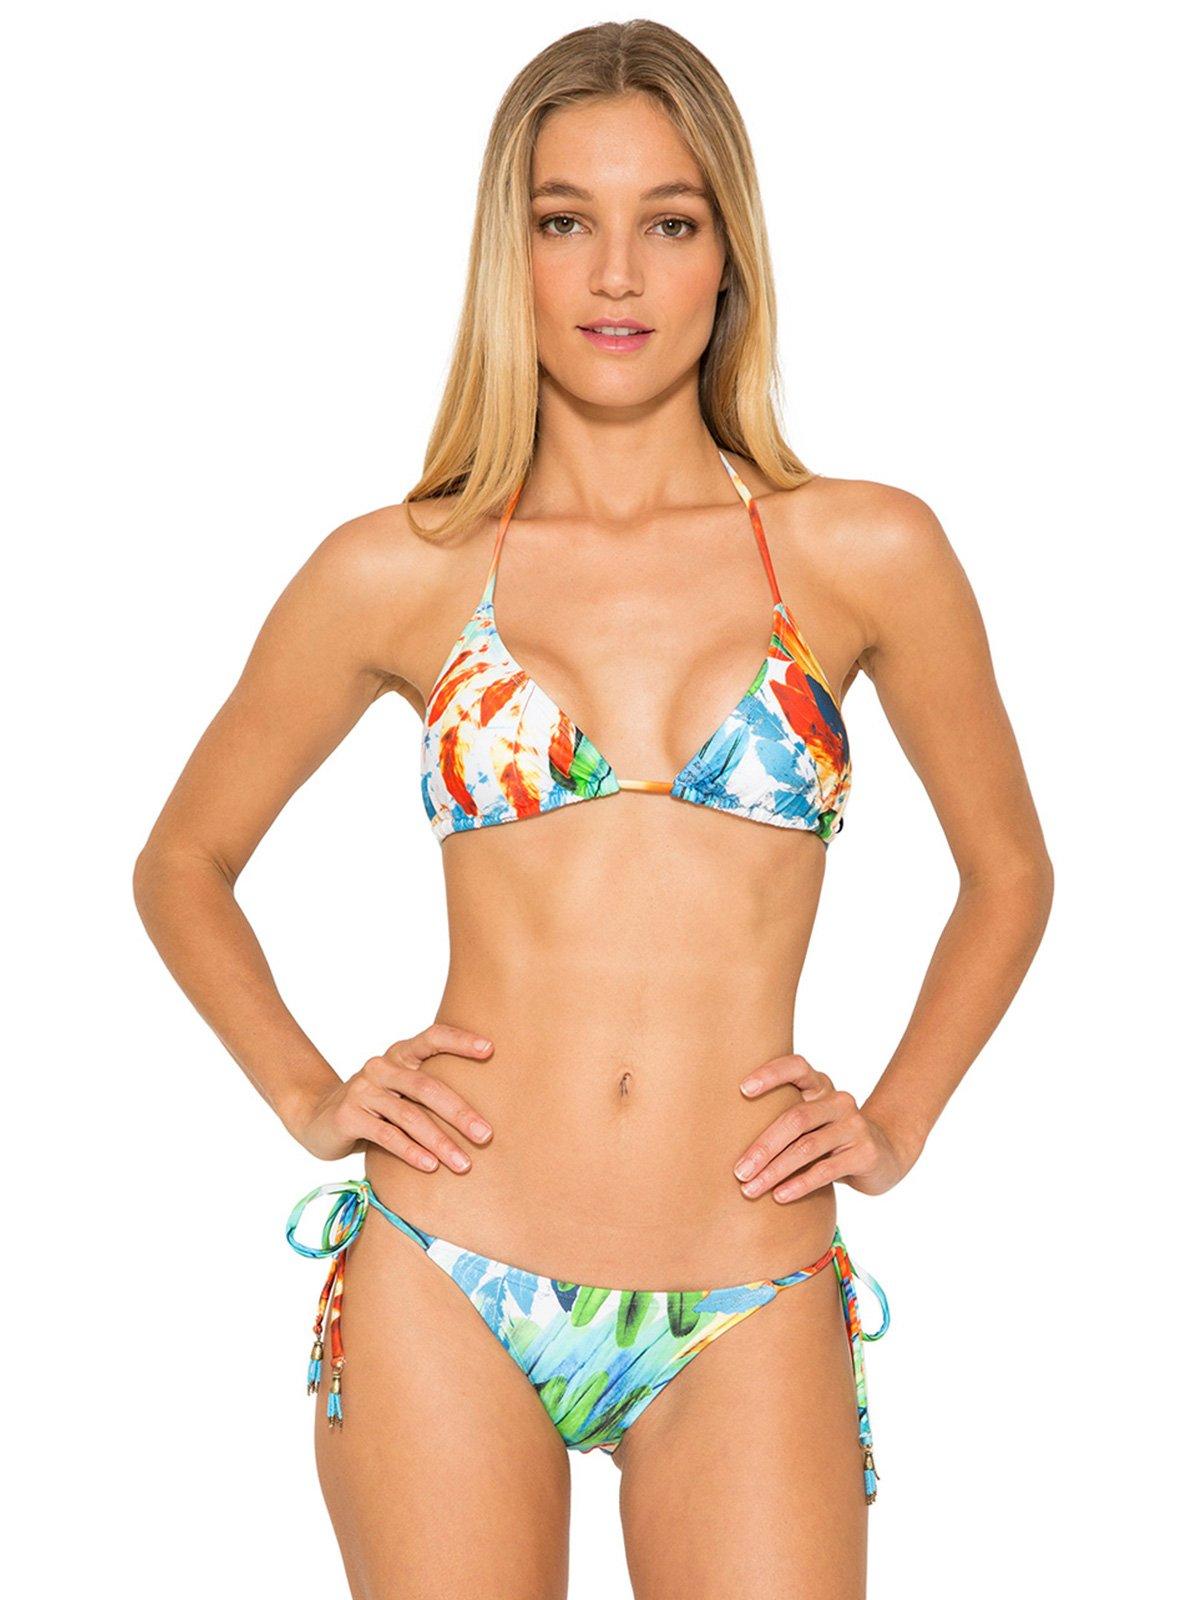 Triangle Bikini With Removable Foam Padding, Colourful